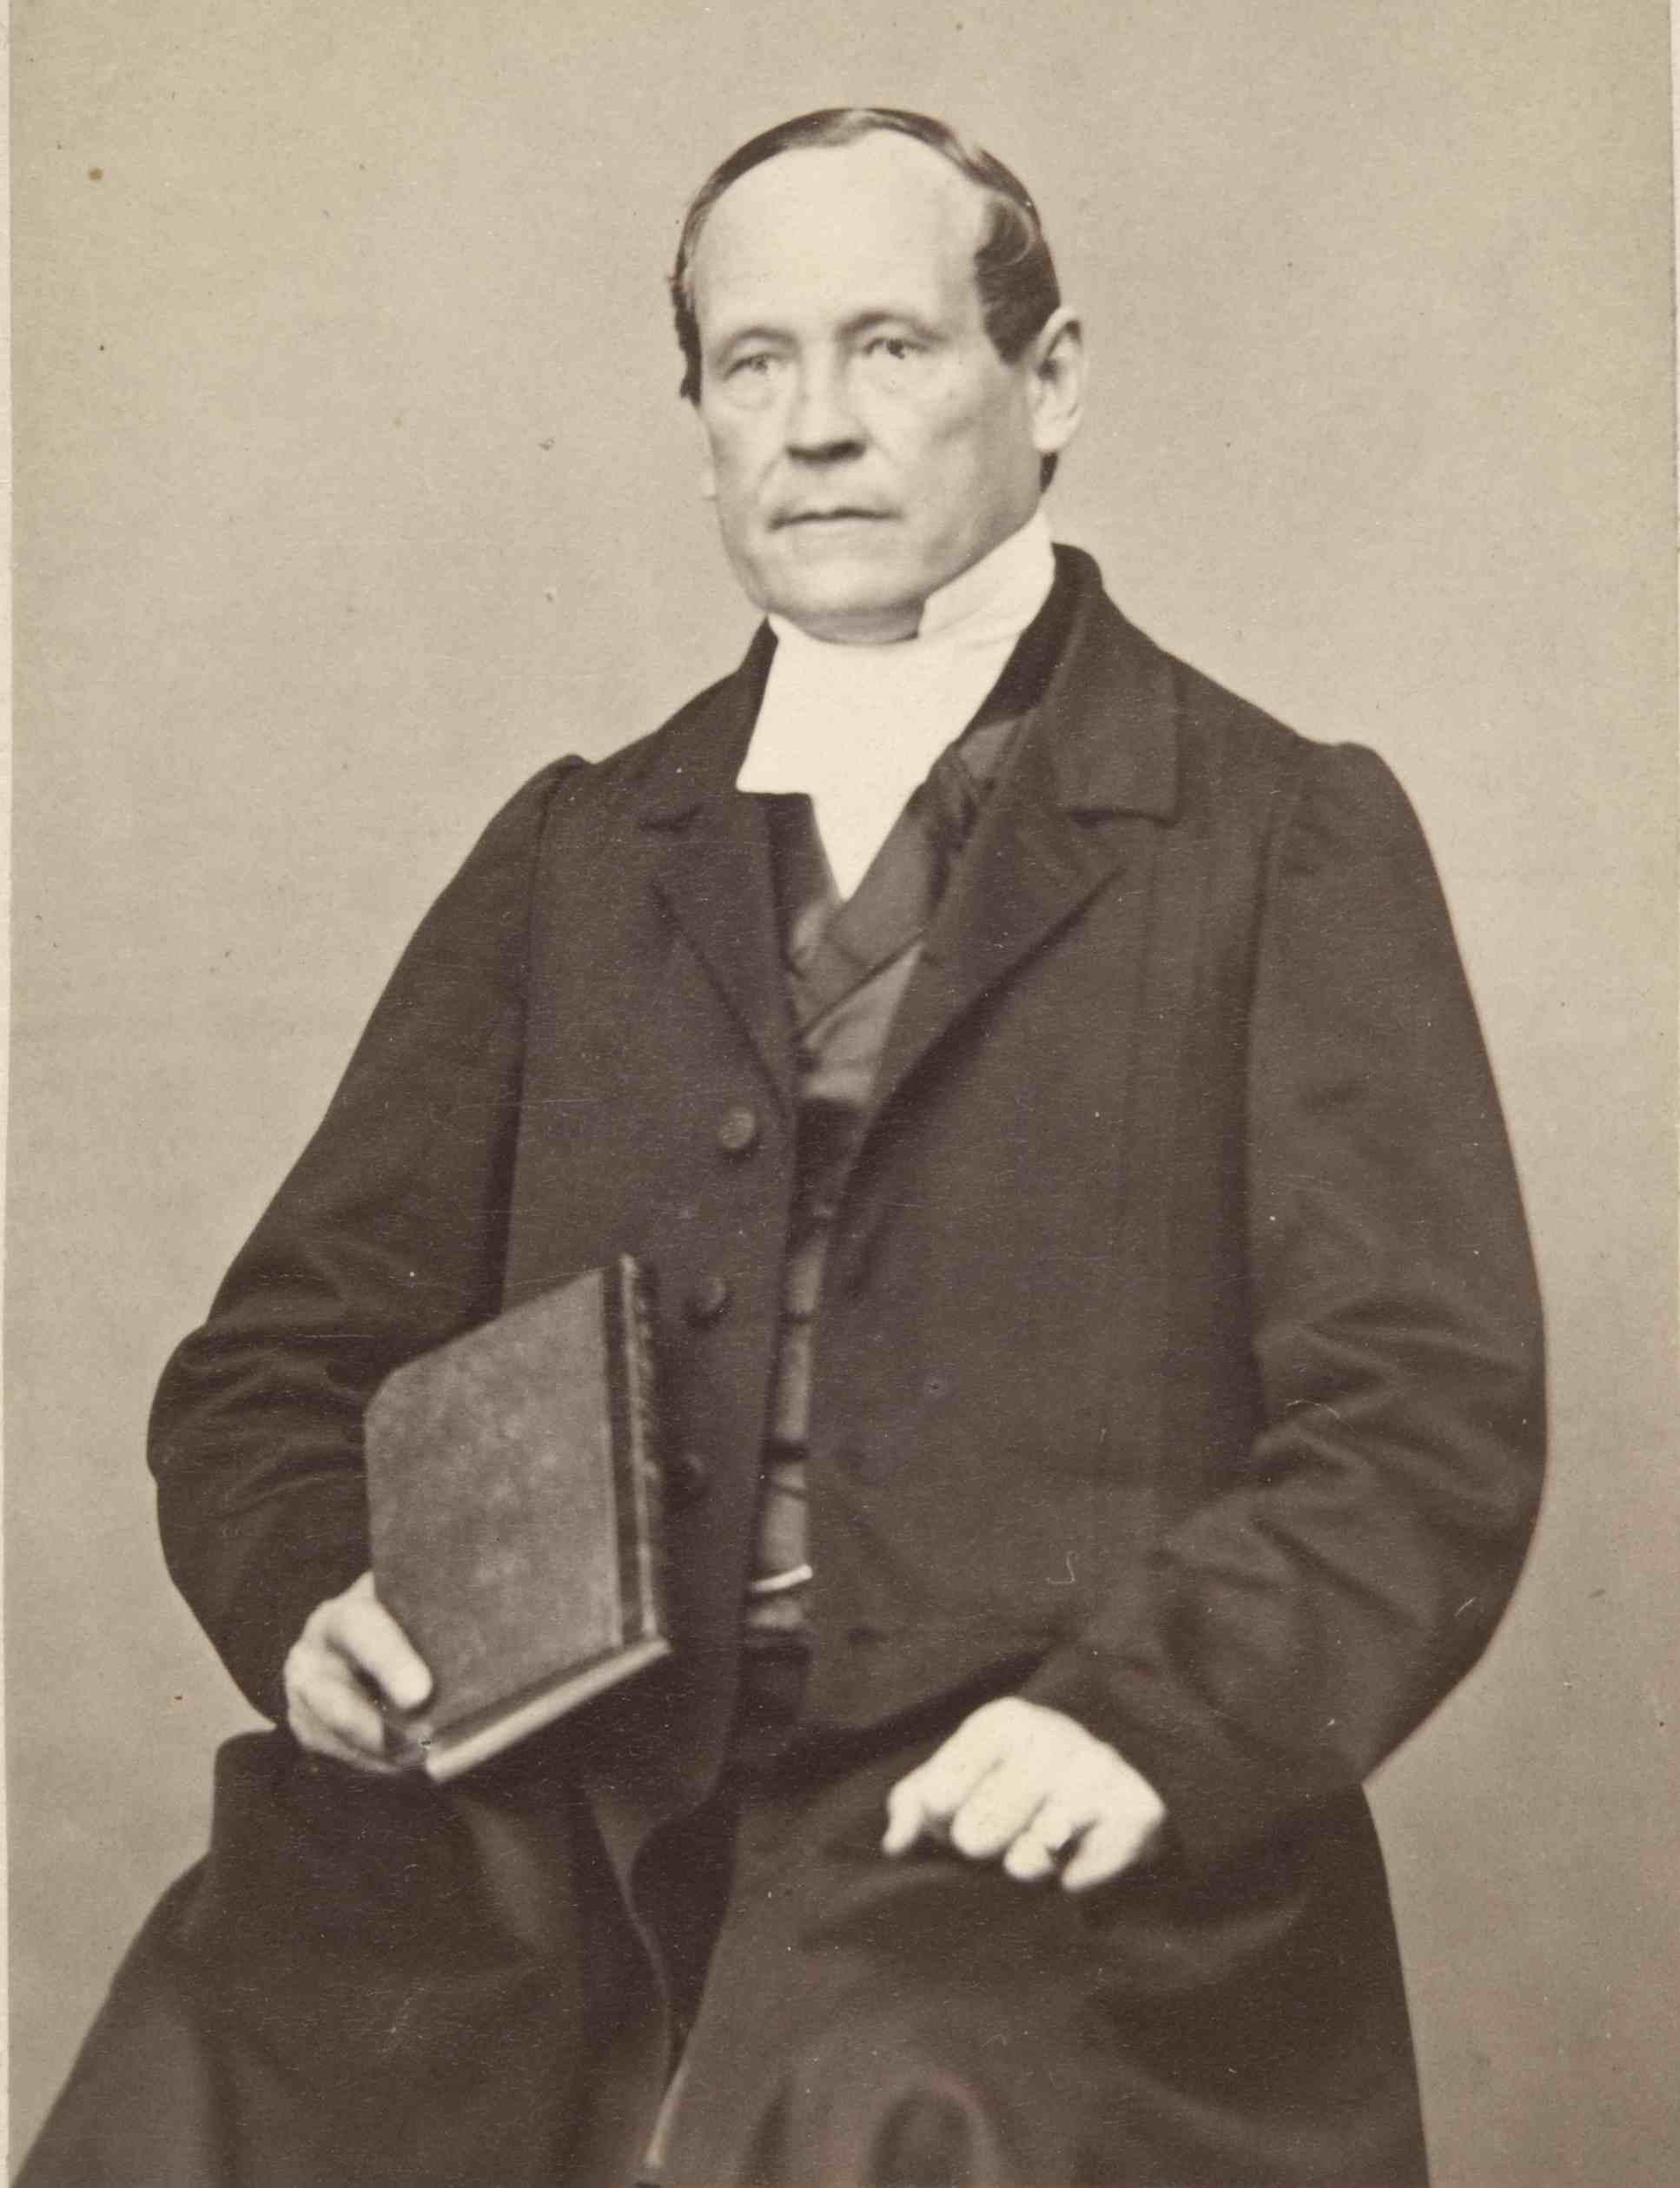 Evankelisen herätysliikkeen perustaja Fredrik Gabriel Hedberg (1811–1893) 1880-luvulla otetussa kuvassa. (Suomen Luterilainen Evankeliumiyhdistys)